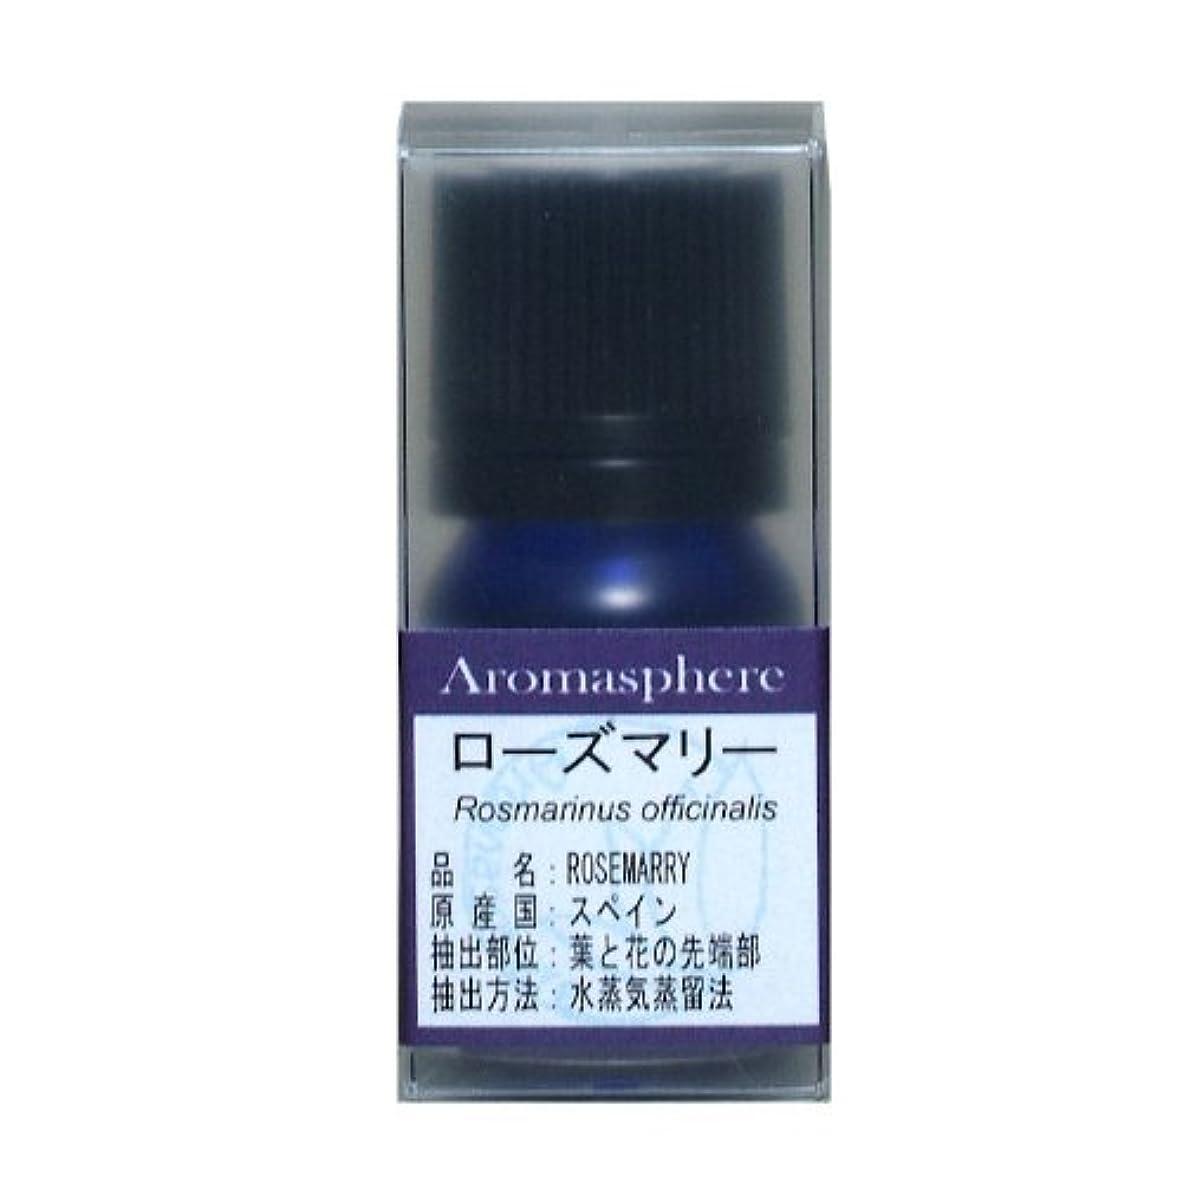 とげのあるキャラバン泥棒【アロマスフィア】ローズマリー 5ml エッセンシャルオイル(精油)